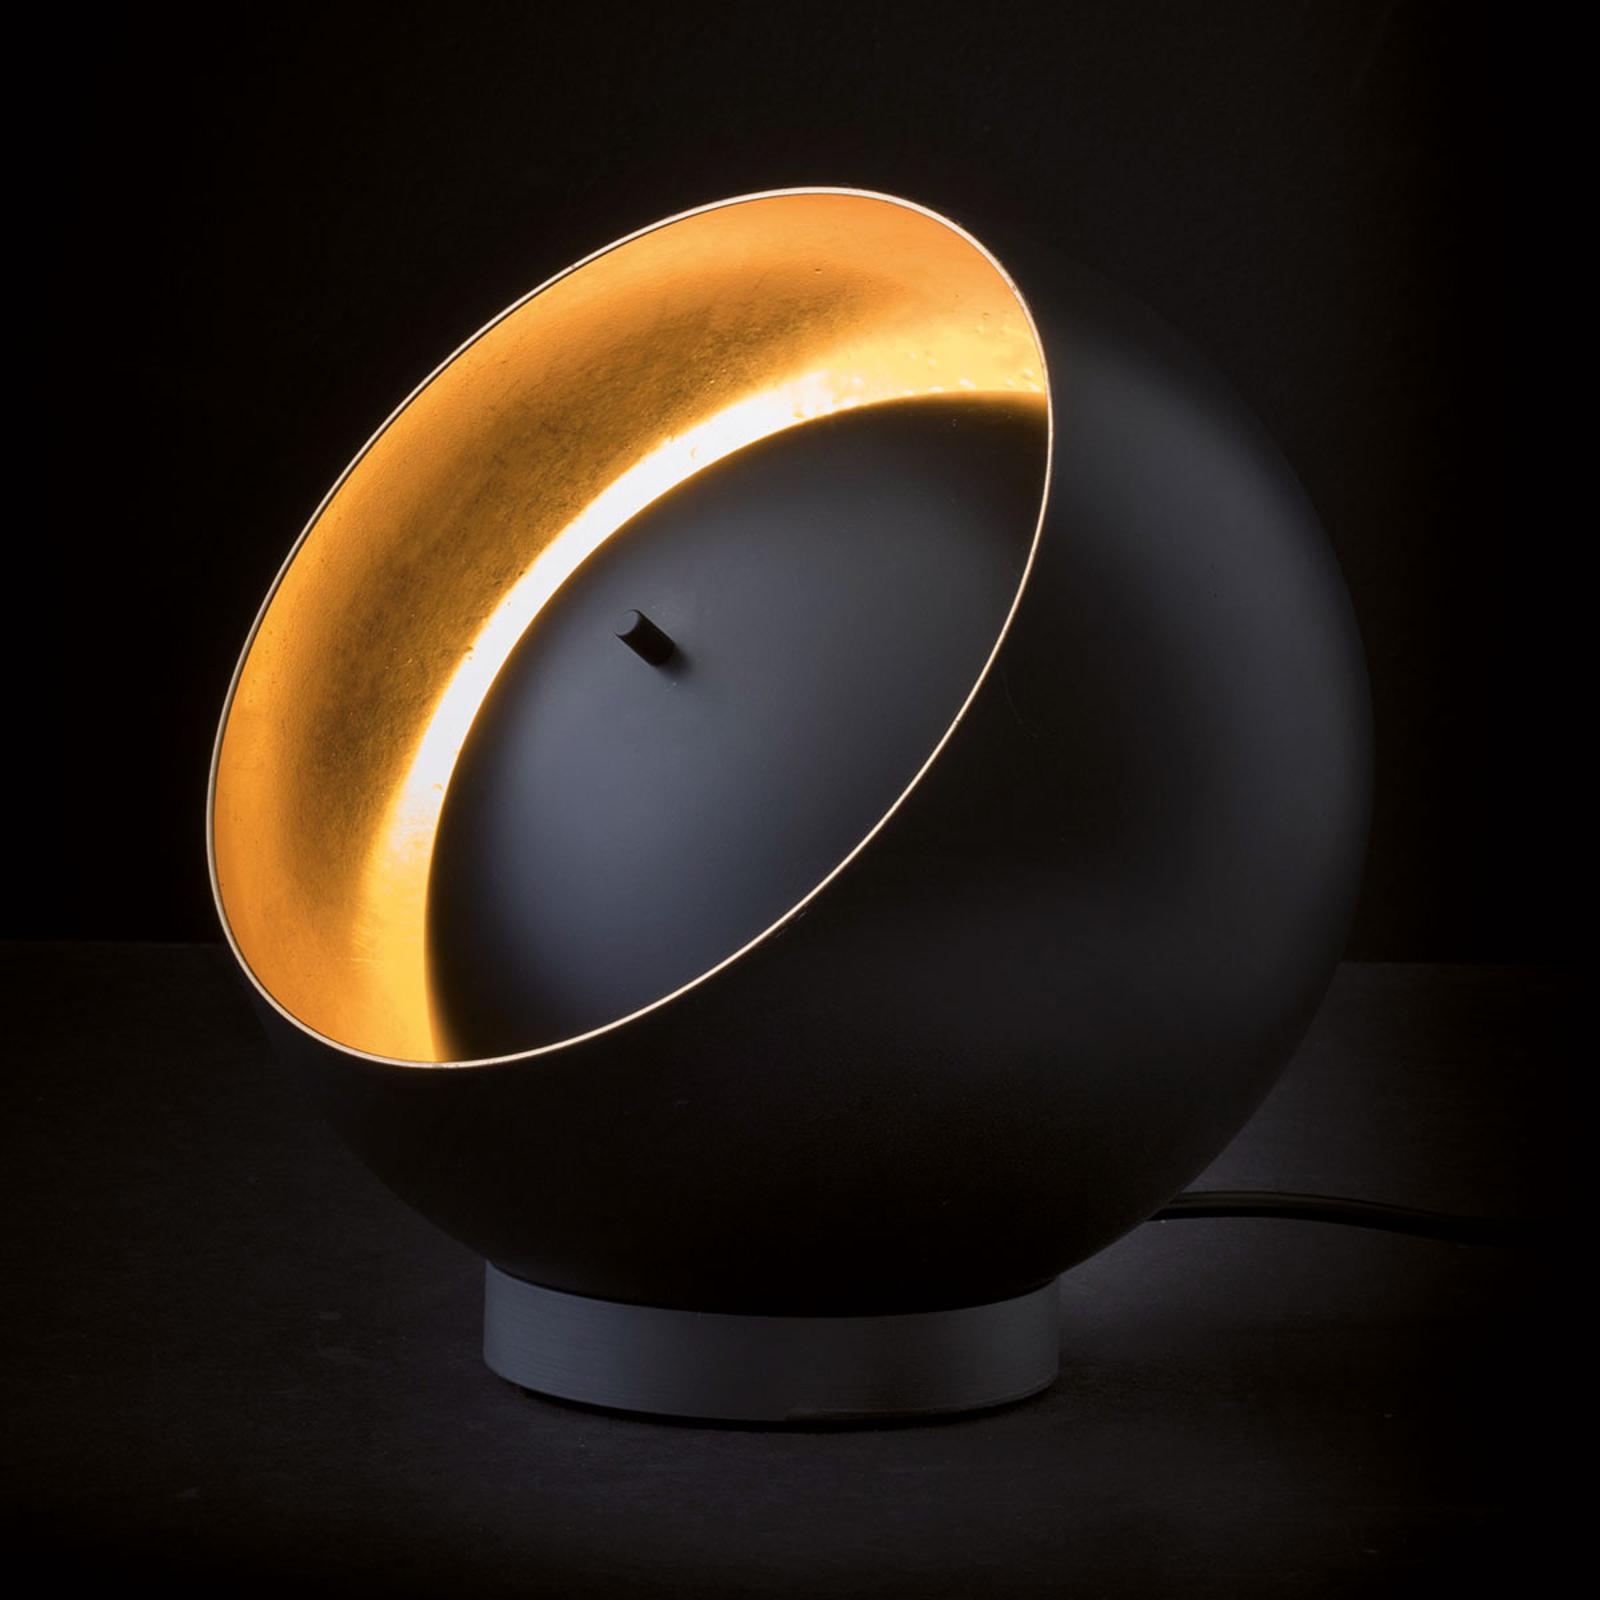 Oluce Eva lampe à poser LED sphérique noire